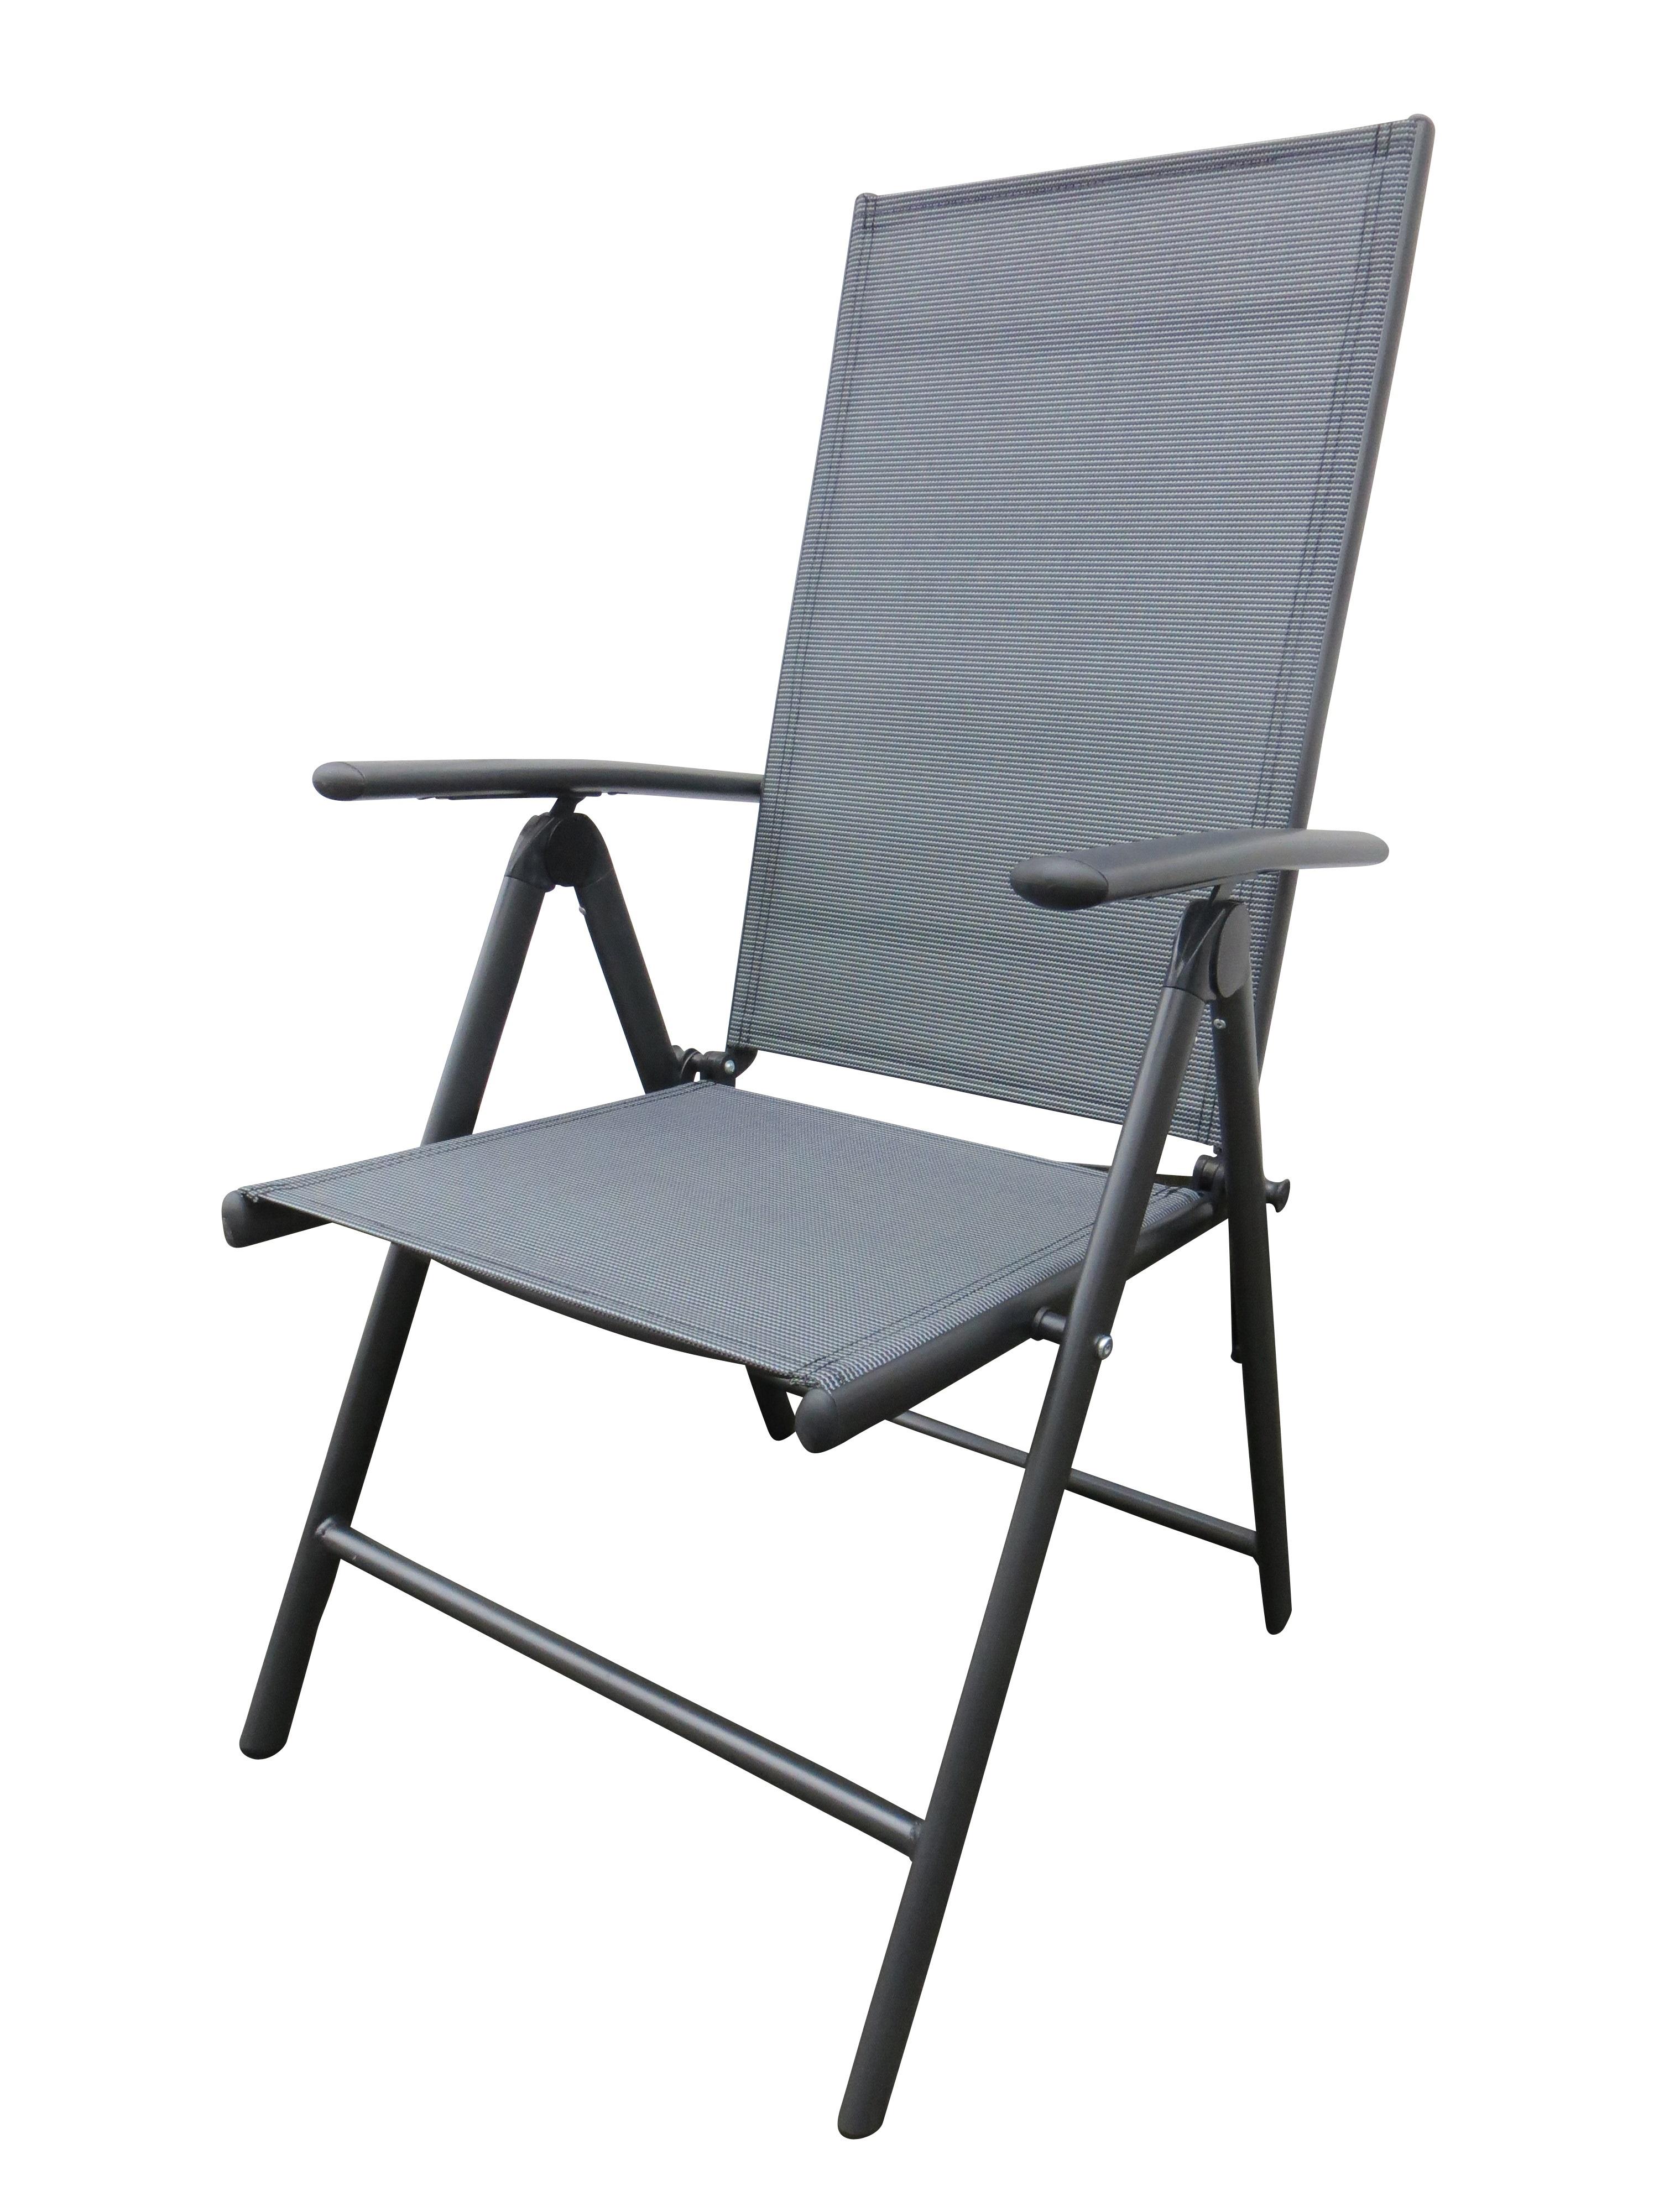 flinton alu gartenm bel set sitzgarnitur anthrazit silber. Black Bedroom Furniture Sets. Home Design Ideas